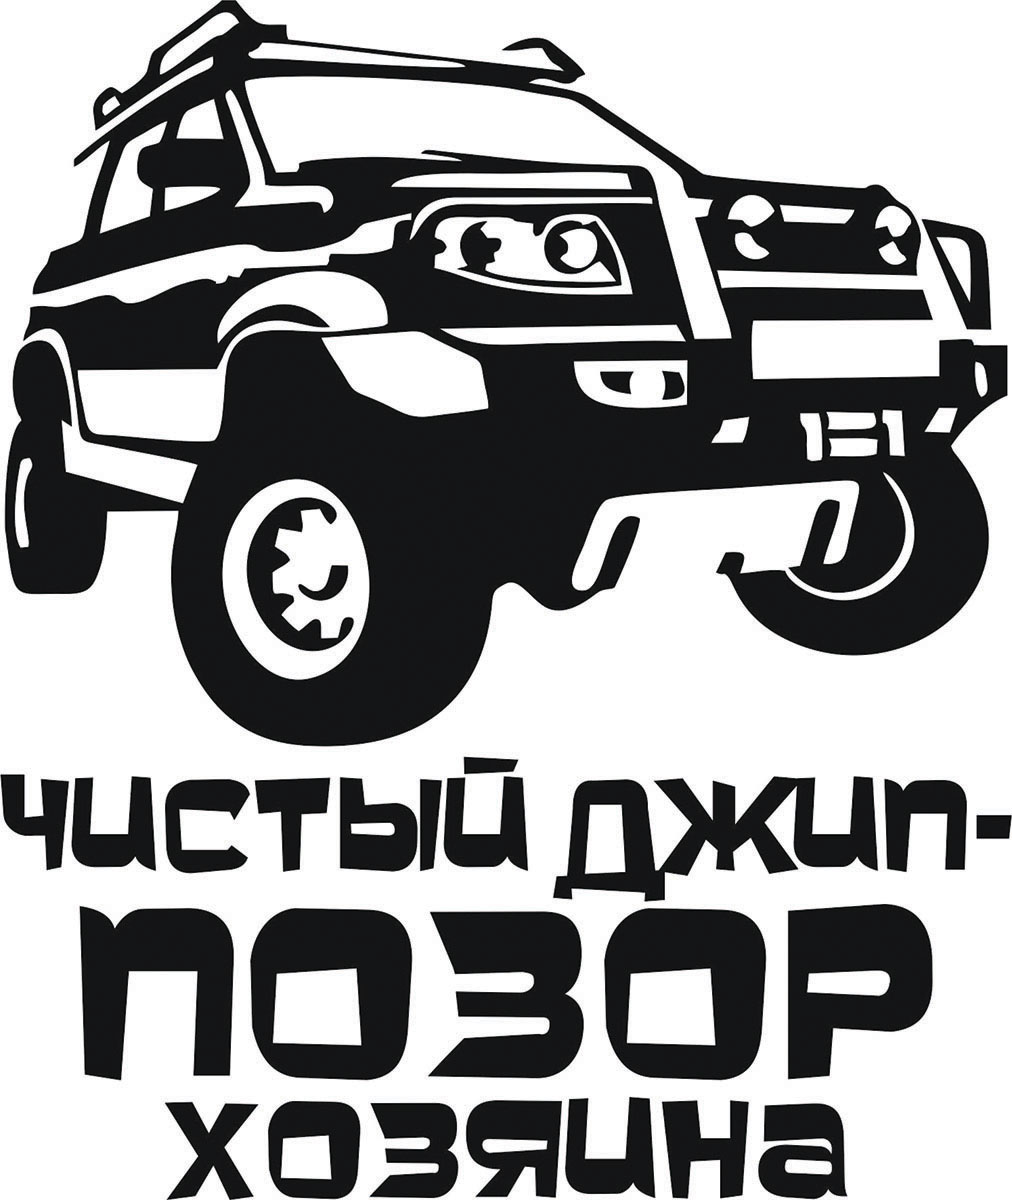 Наклейка автомобильная Оранжевый слоник Чистый джип - позор хозяина, виниловая, цвет: черныйABS-14,4 Sli BMCОригинальная наклейка Оранжевый слоник Чистый джип - позор хозяина изготовлена из высококачественной виниловой пленки, которая выполняет не только декоративную функцию, но и защищает кузов автомобиля от небольших механических повреждений, либо скрывает уже существующие.Виниловые наклейки на автомобиль - это не только красиво, но еще и быстро! Всего за несколько минут вы можете полностью преобразить свой автомобиль, сделать его ярким, необычным, особенным и неповторимым!